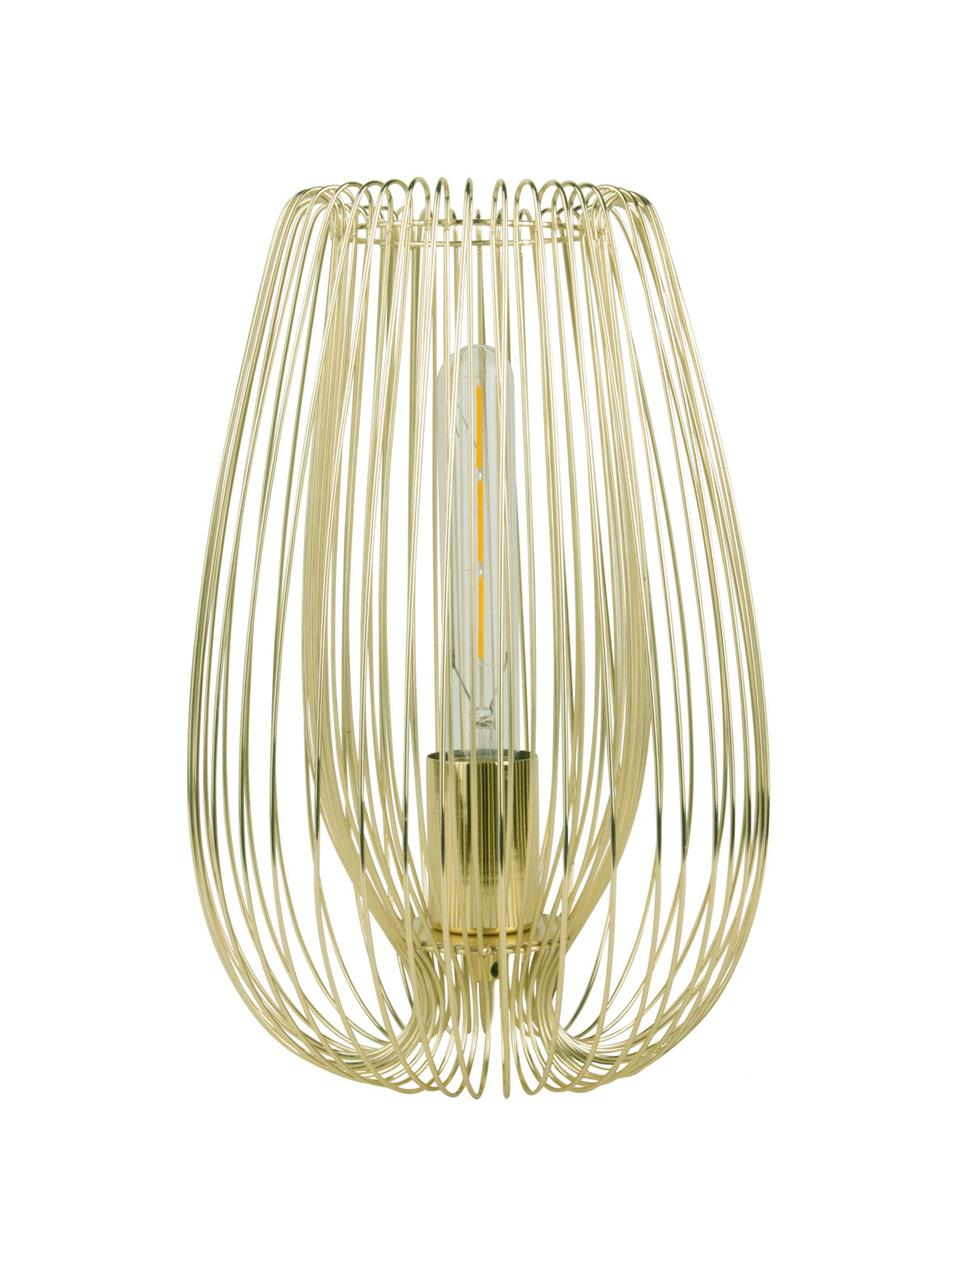 Lampada da tavolo retrò in metallo Lucid, Lampada: metallo verniciato, Ottonato, Ø 22 x Alt. 33 cm